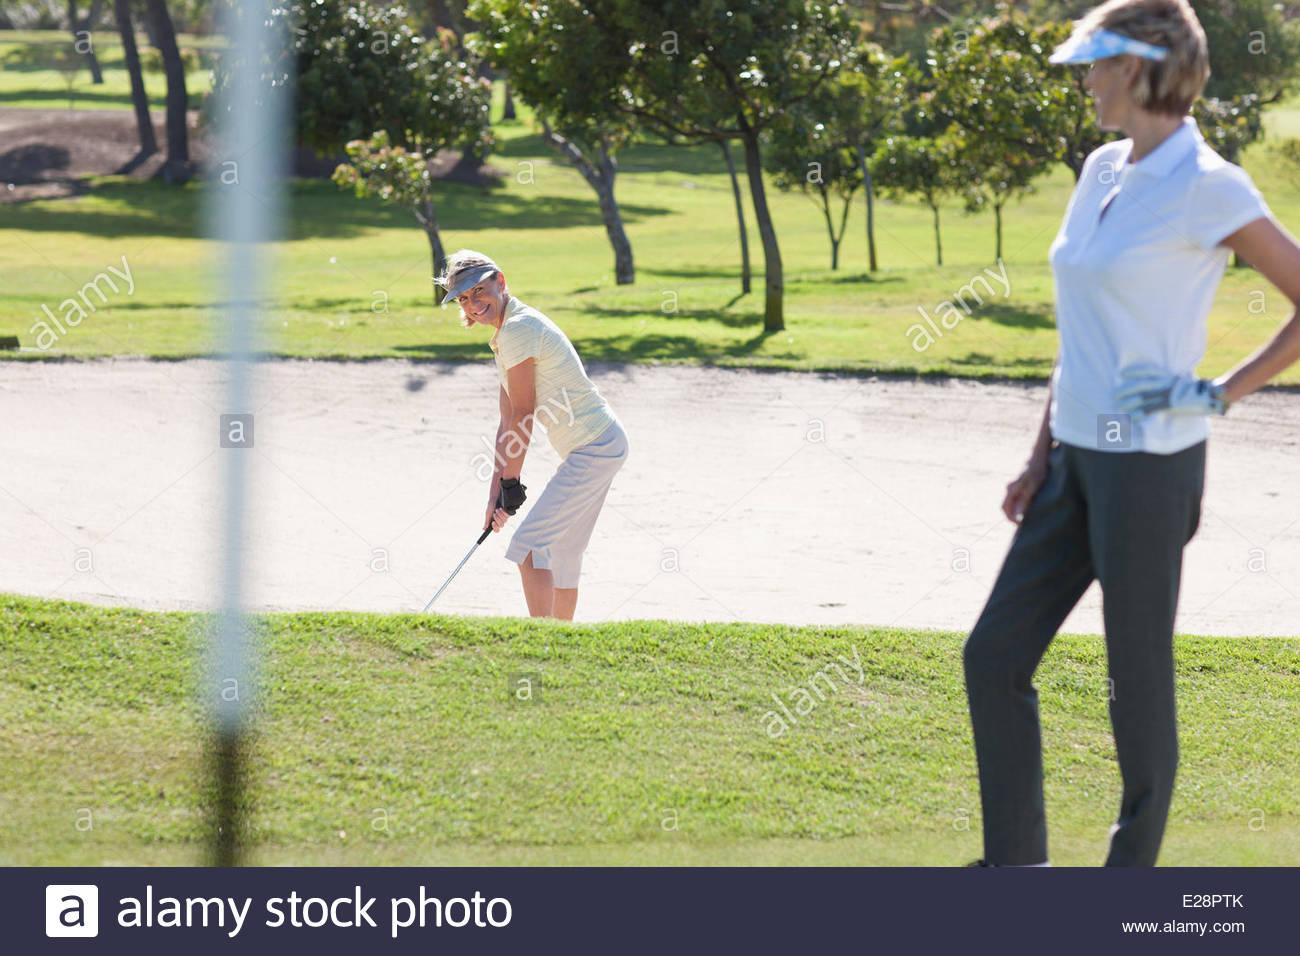 Les femmes à jouer au golf Photo Stock